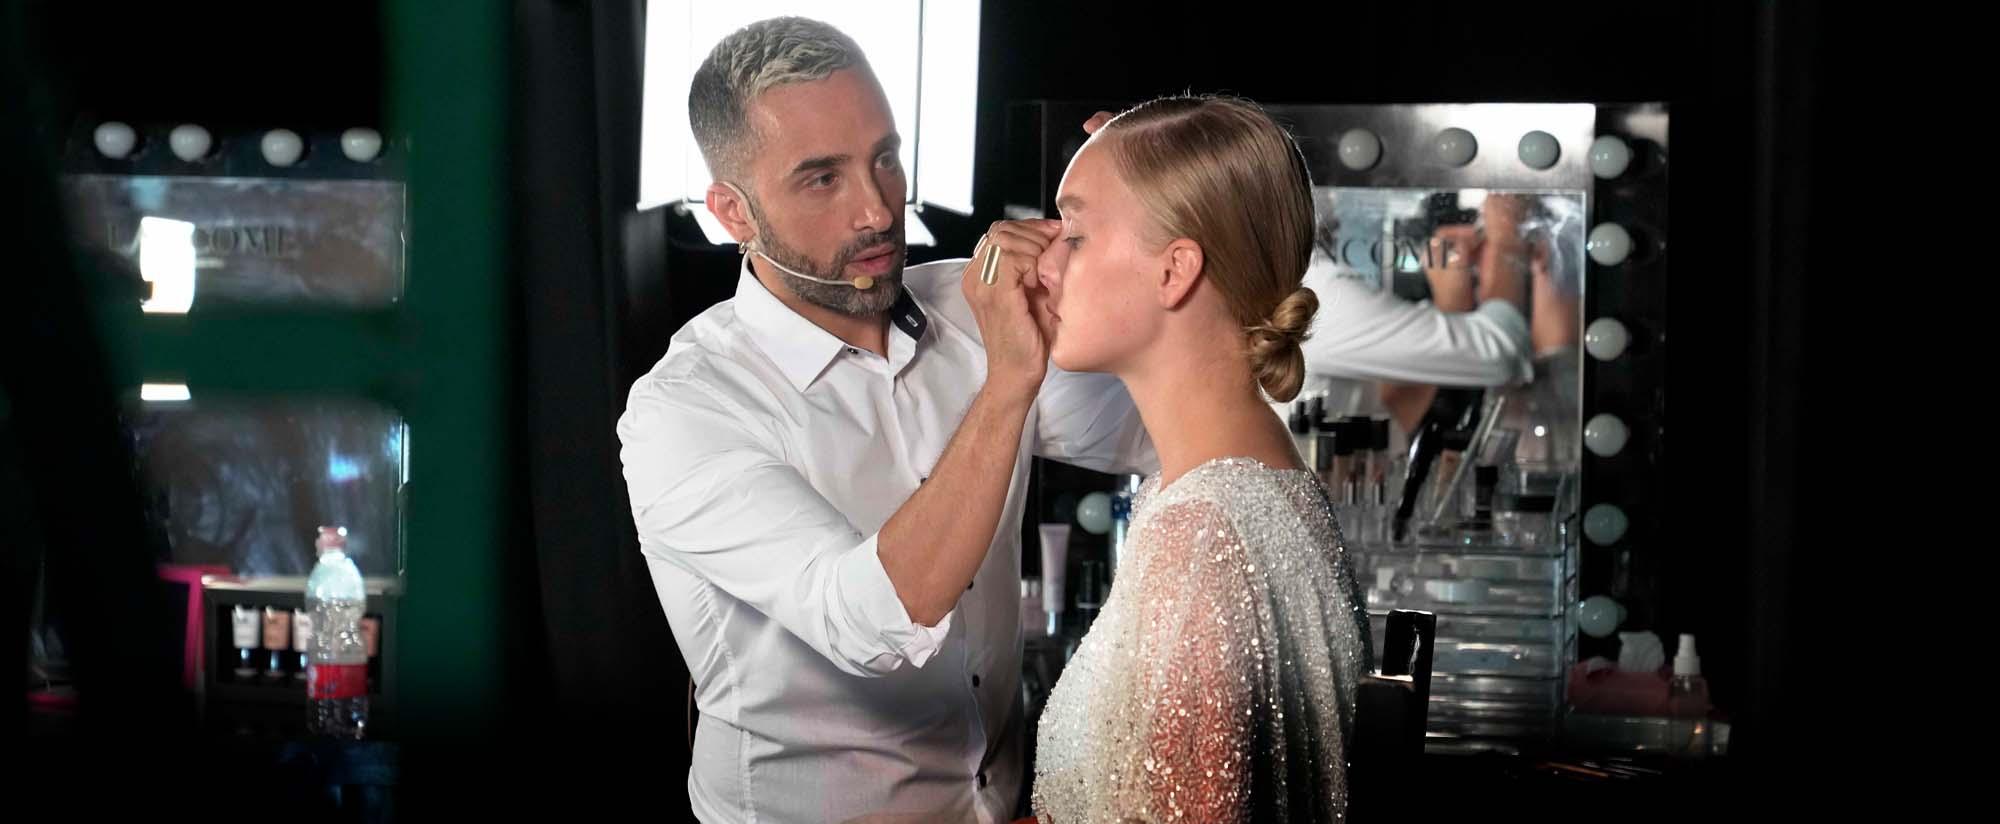 איפור, אמן האיפור עידו רפאל מדגים איפור עם מוצרי אי-אם פאשן מייקאפ, צילום בן ליאון, Fashion Israel